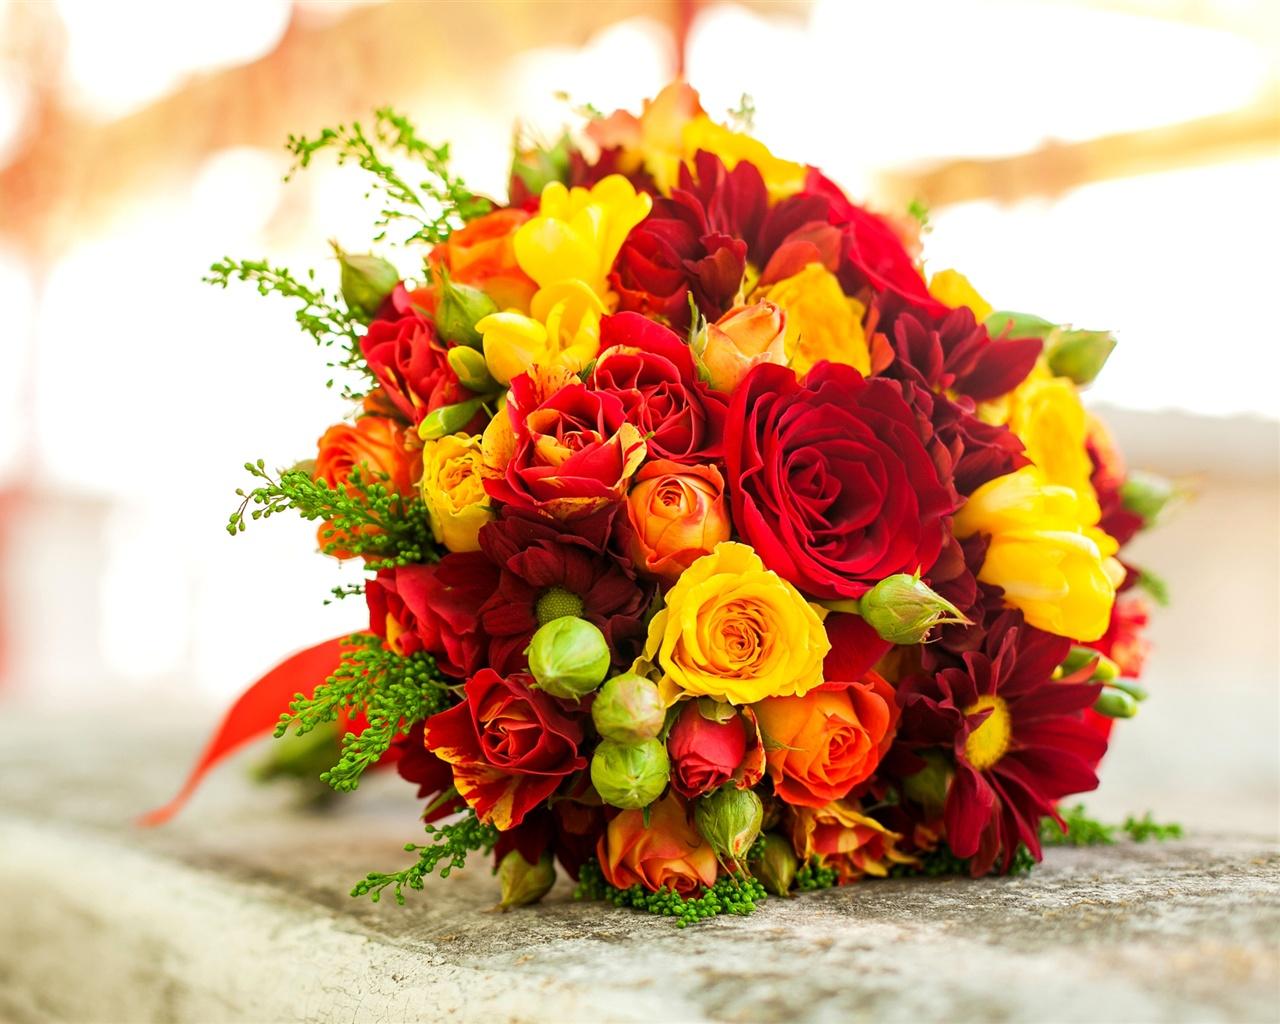 Fonds d 39 cran bouquet de fleurs jaune rose rouge for Bouquet de fleurs orange et jaune